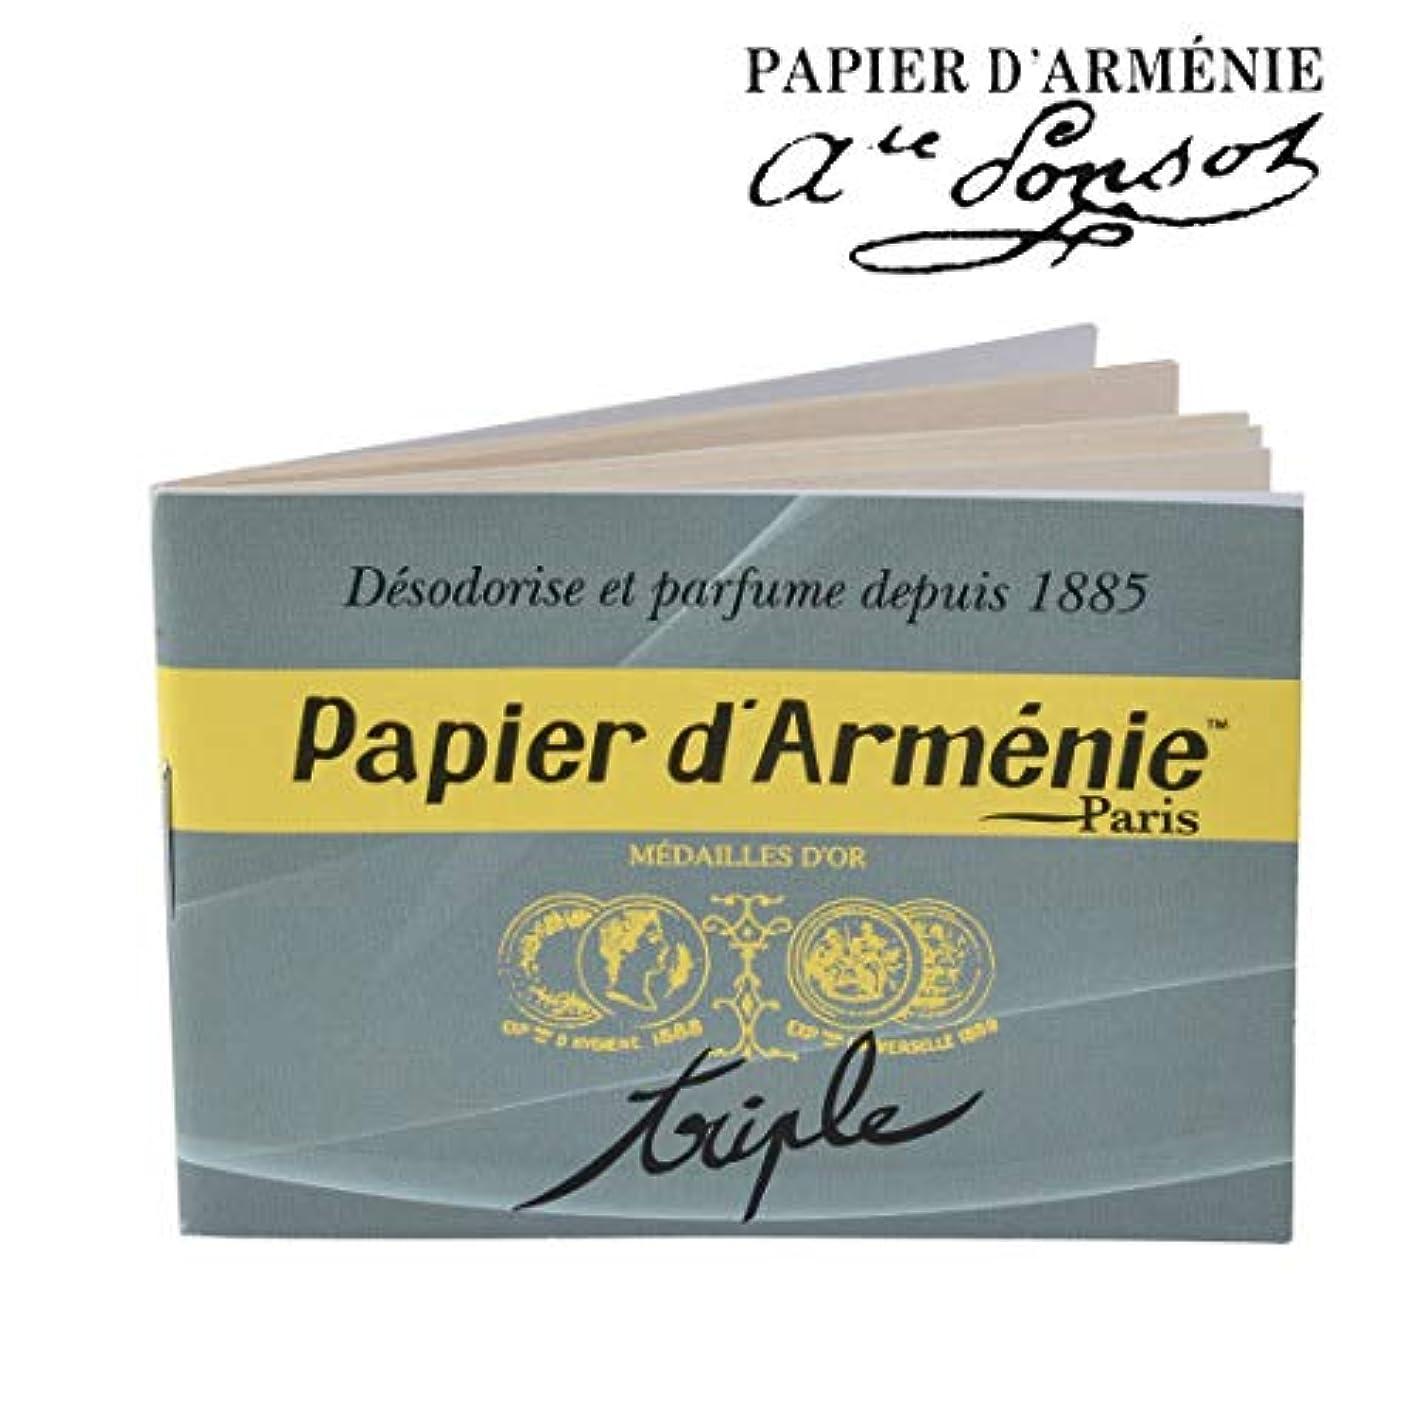 半径ヨーグルトスムーズにpapier d armenie パピエダルメニイ トリプル